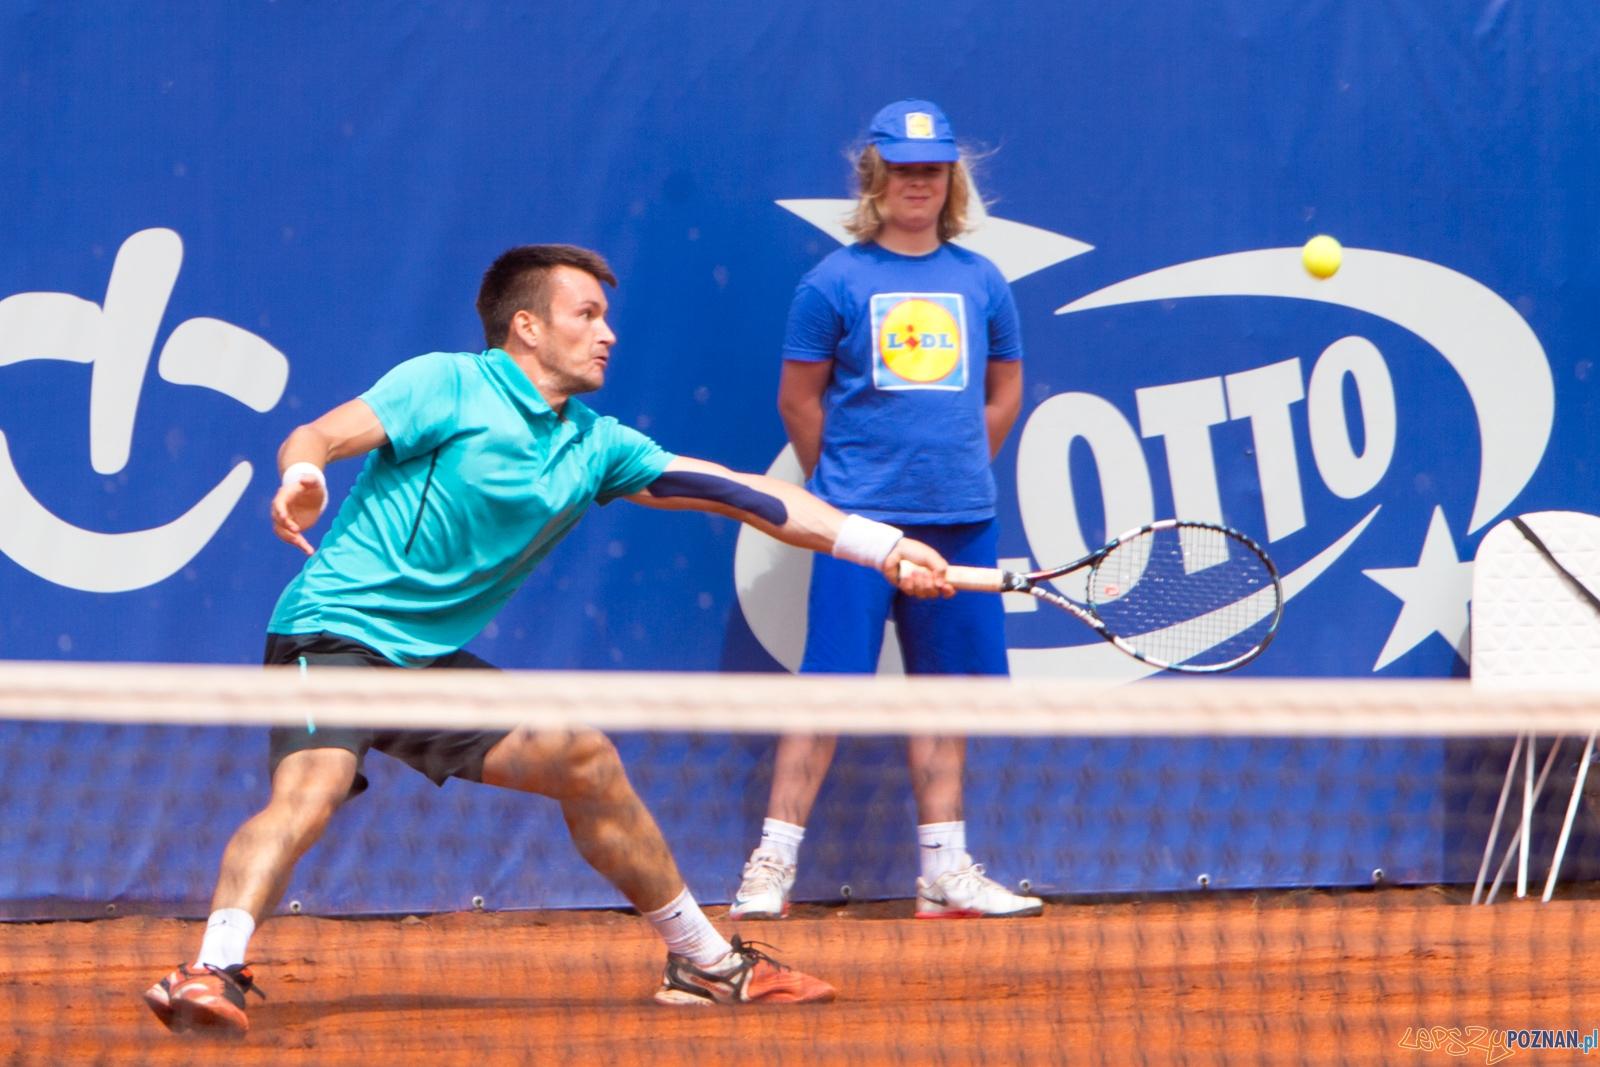 Poznan Open 2015 - Axel Michon vs Michal Konecny  Foto: lepszyPOZNAN.pl / Piotr Rychter